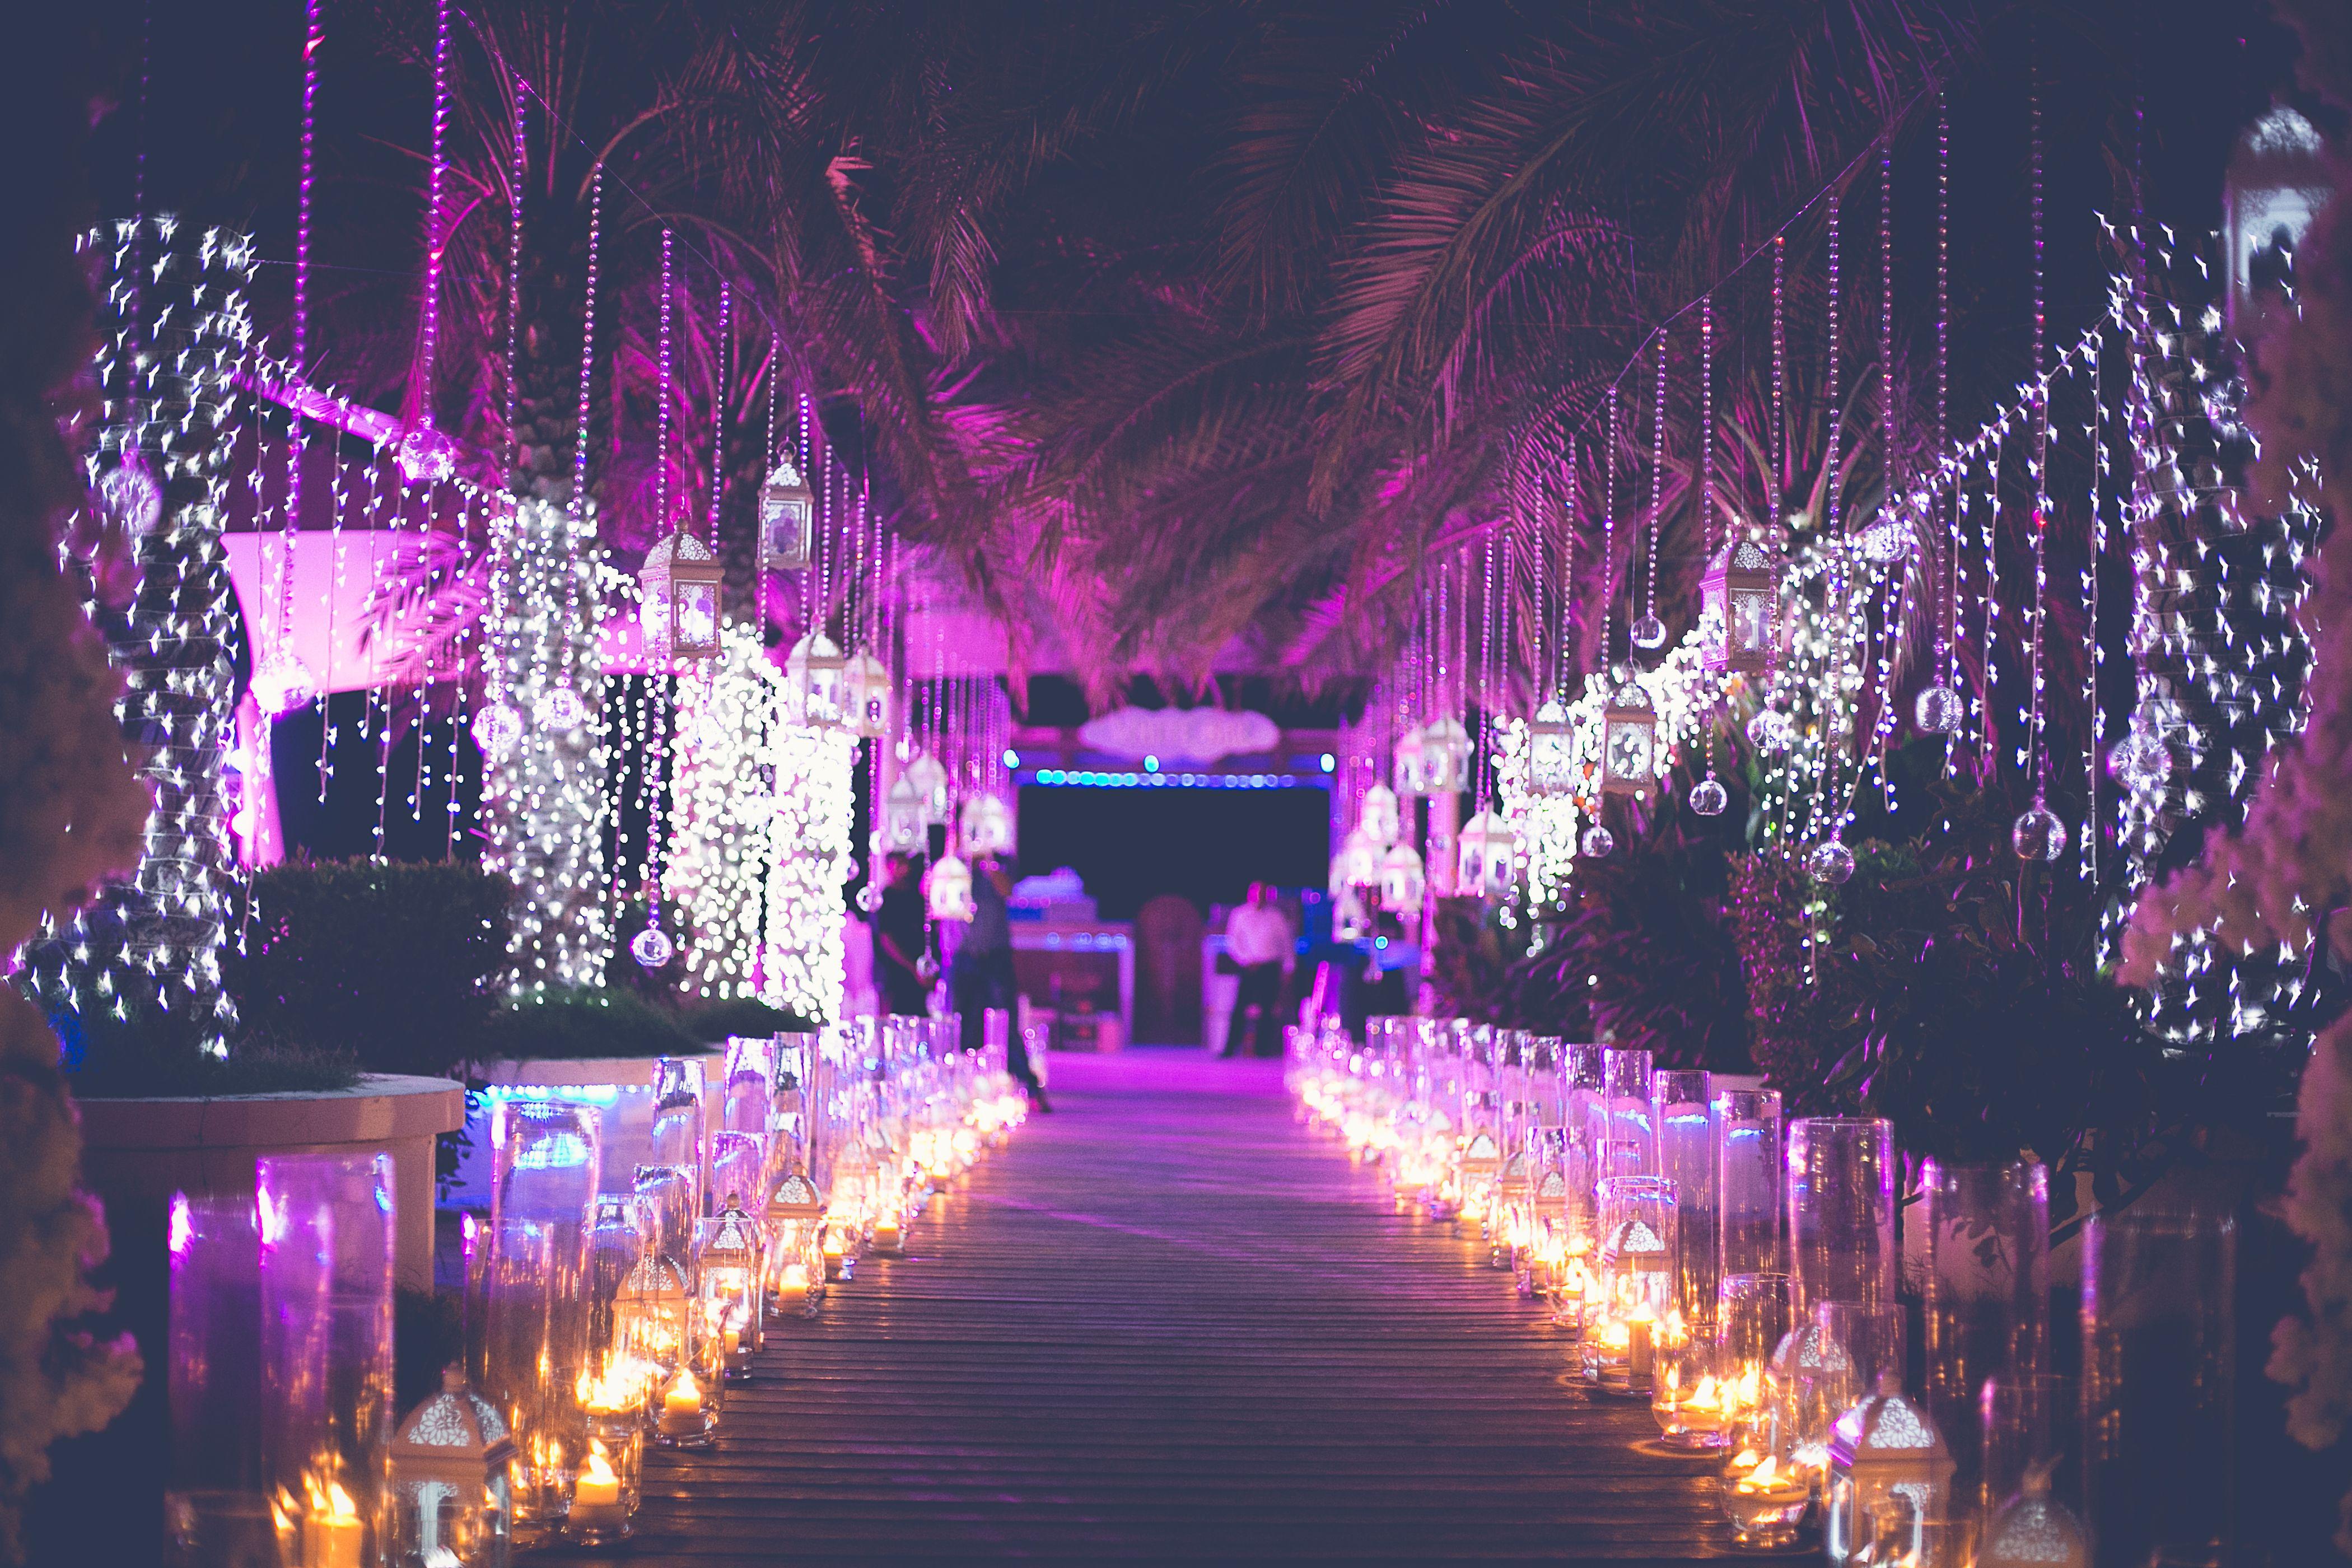 Wedding Entrance Decoration by Tamarind Global Weddings